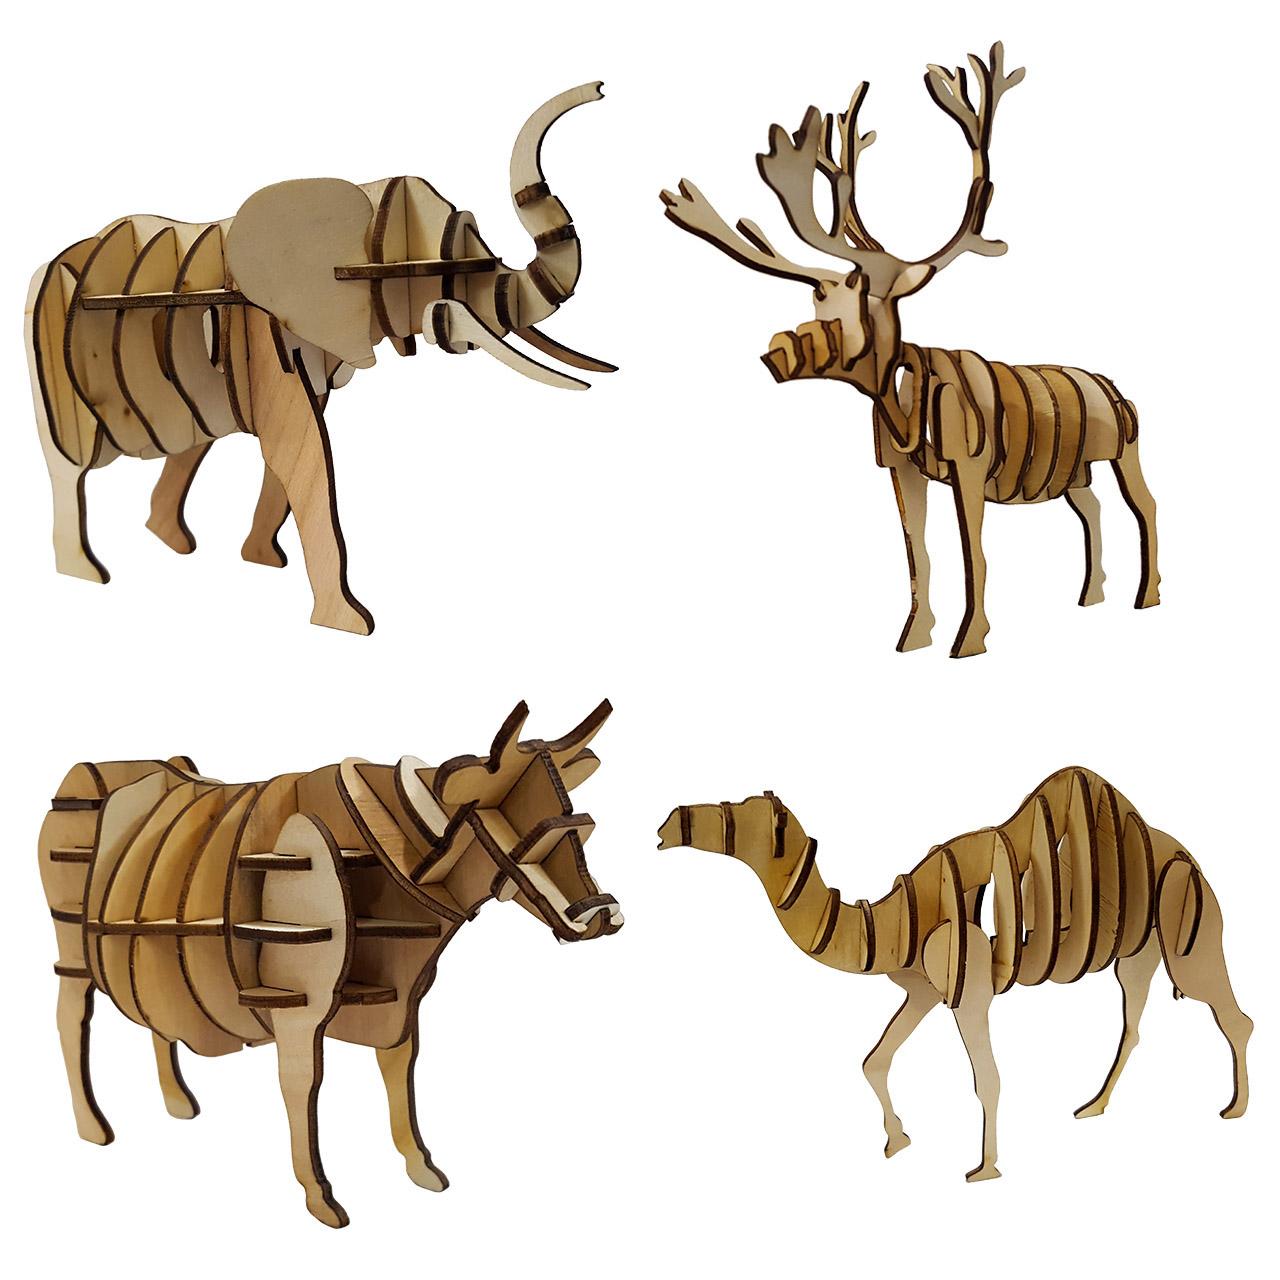 پازل چوبی سه بعدی برتاریو مدل حیوانات 3